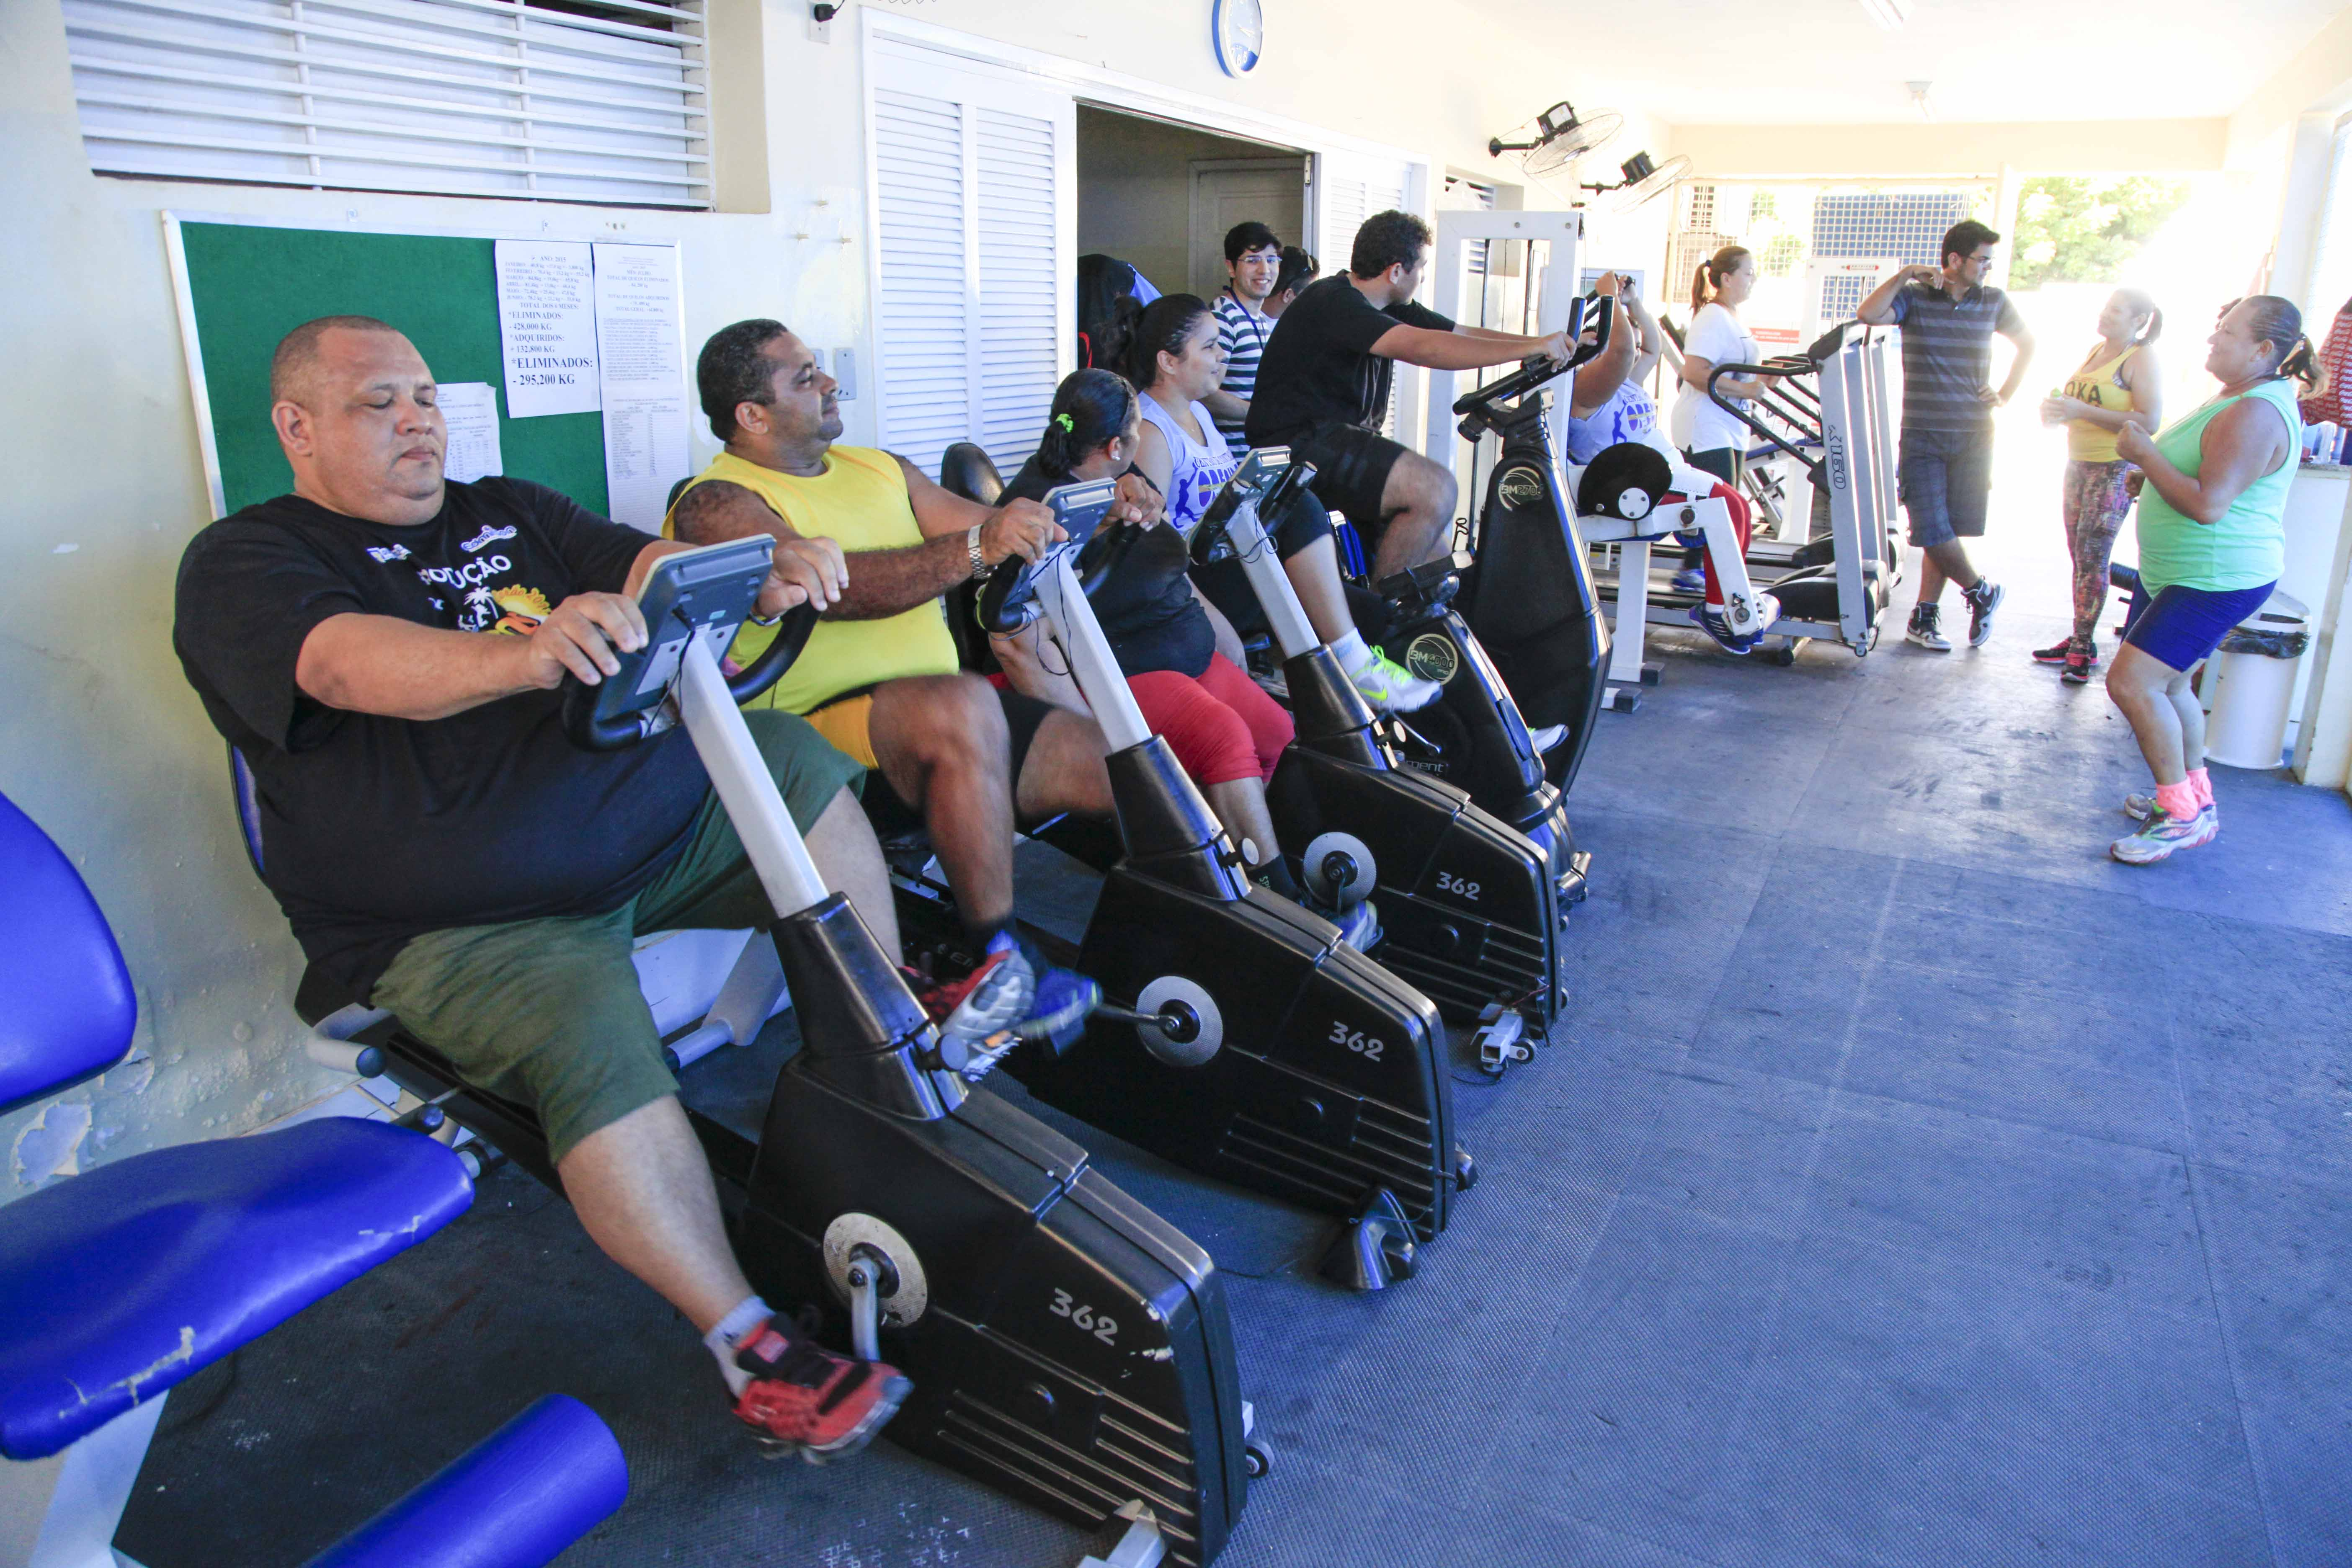 Centro Municipal de Obesidade começa atividades do ano de 2018 em novo endereço